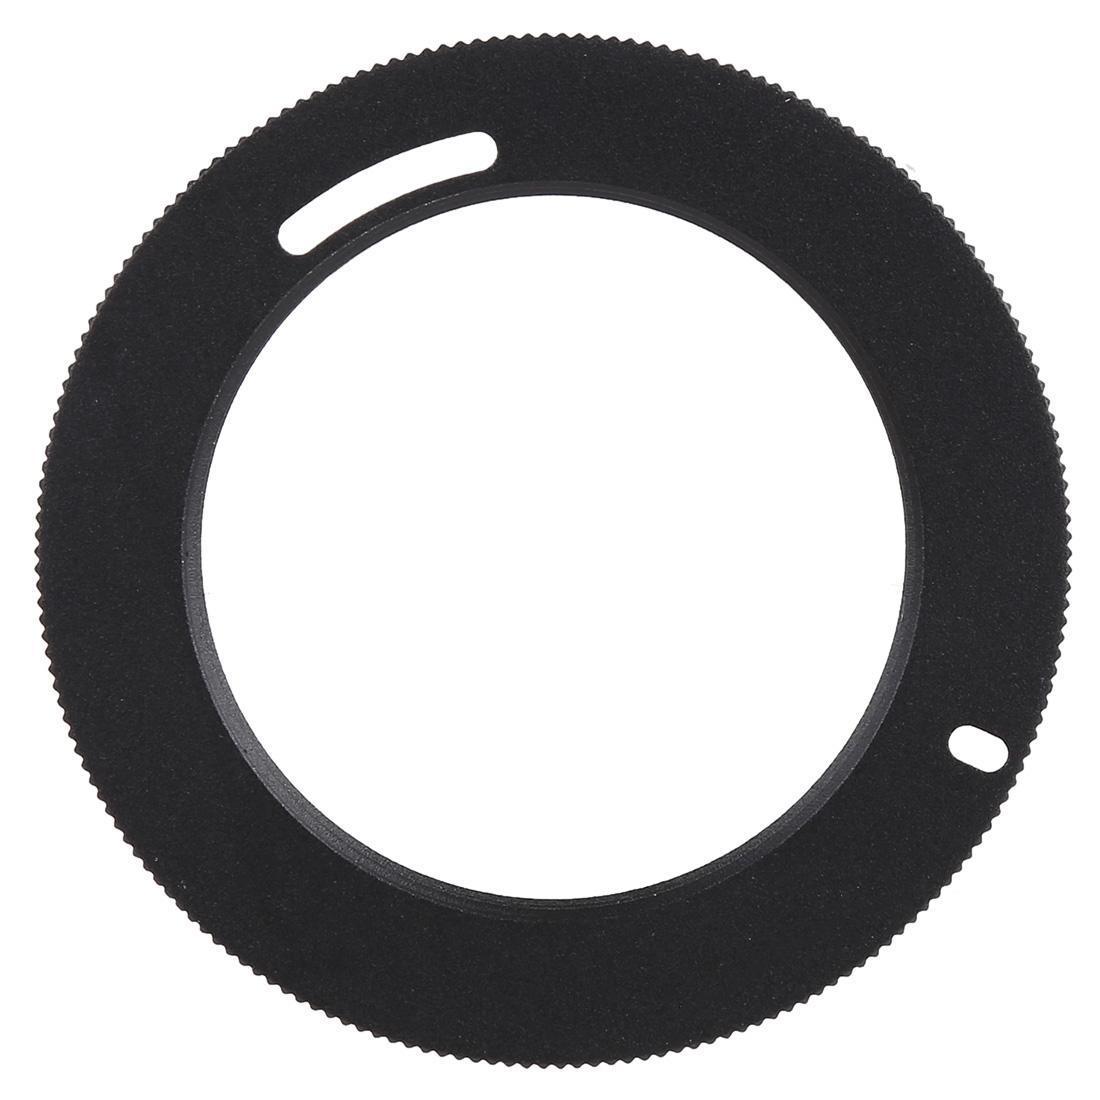 M42-PK M42 Gewinde Objektiv PK Montage Metall Adapter Stepping Ring